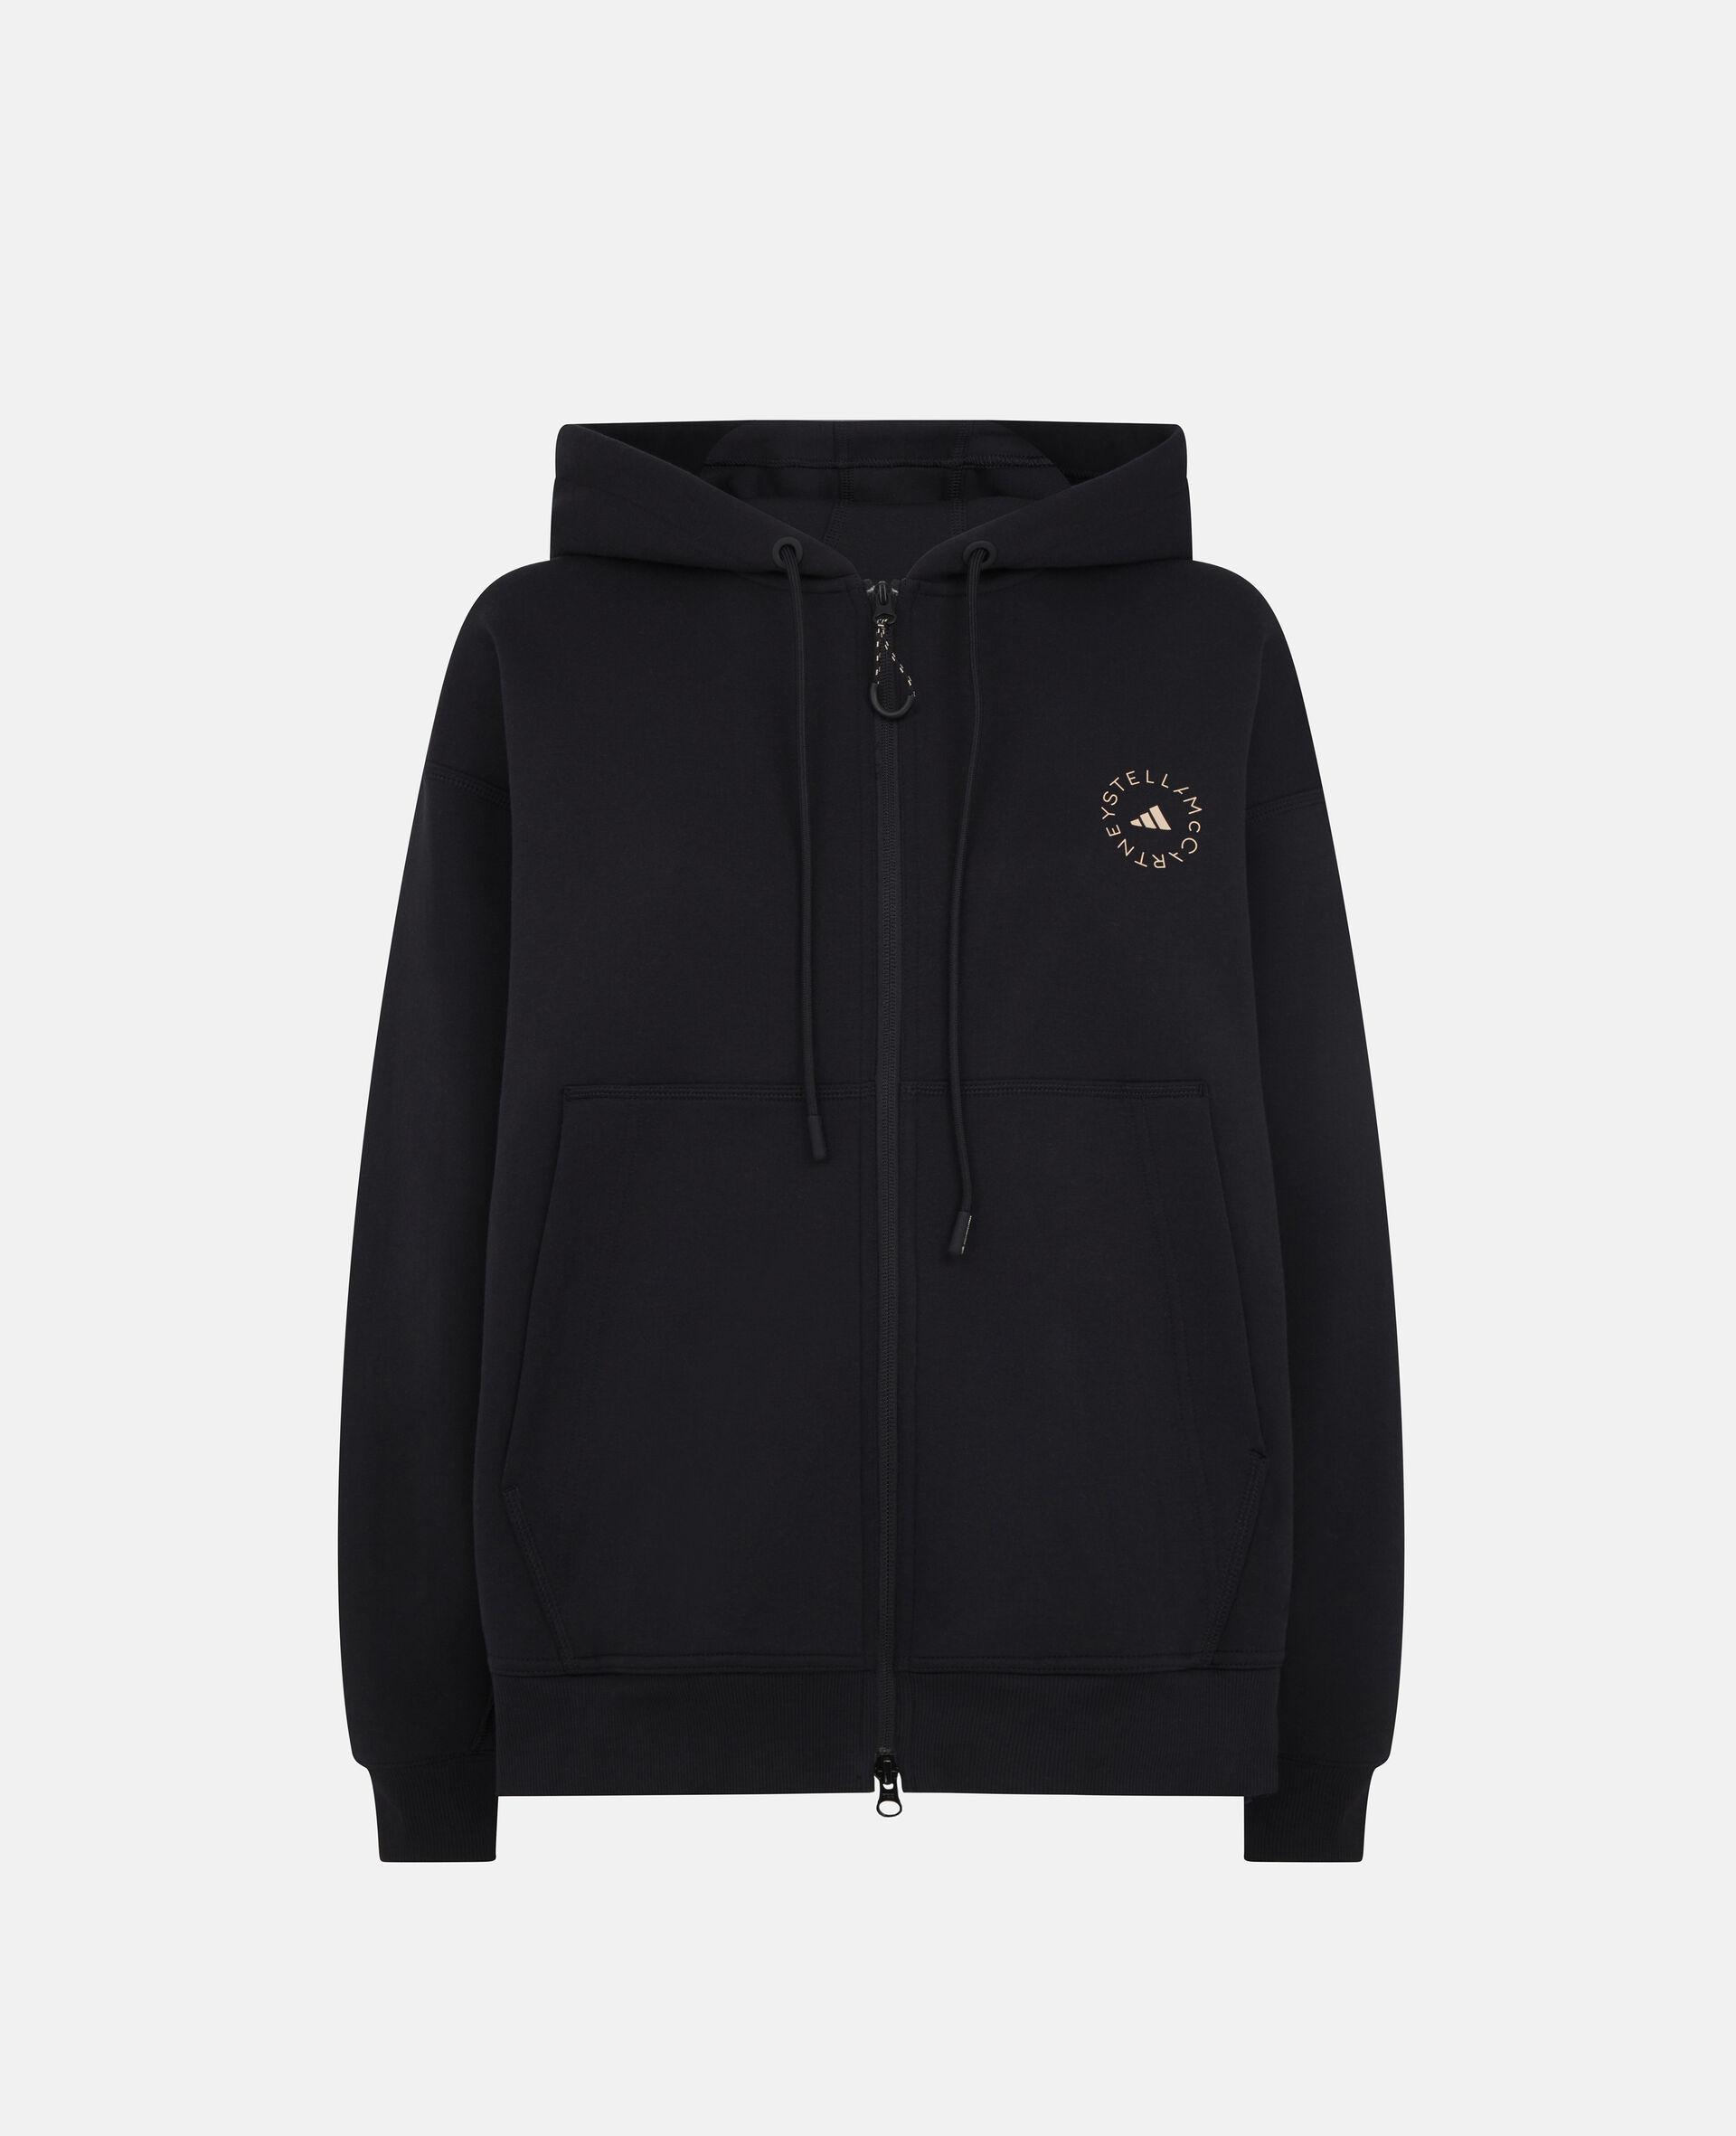 Black Full Zip Hoodie-Black-large image number 0